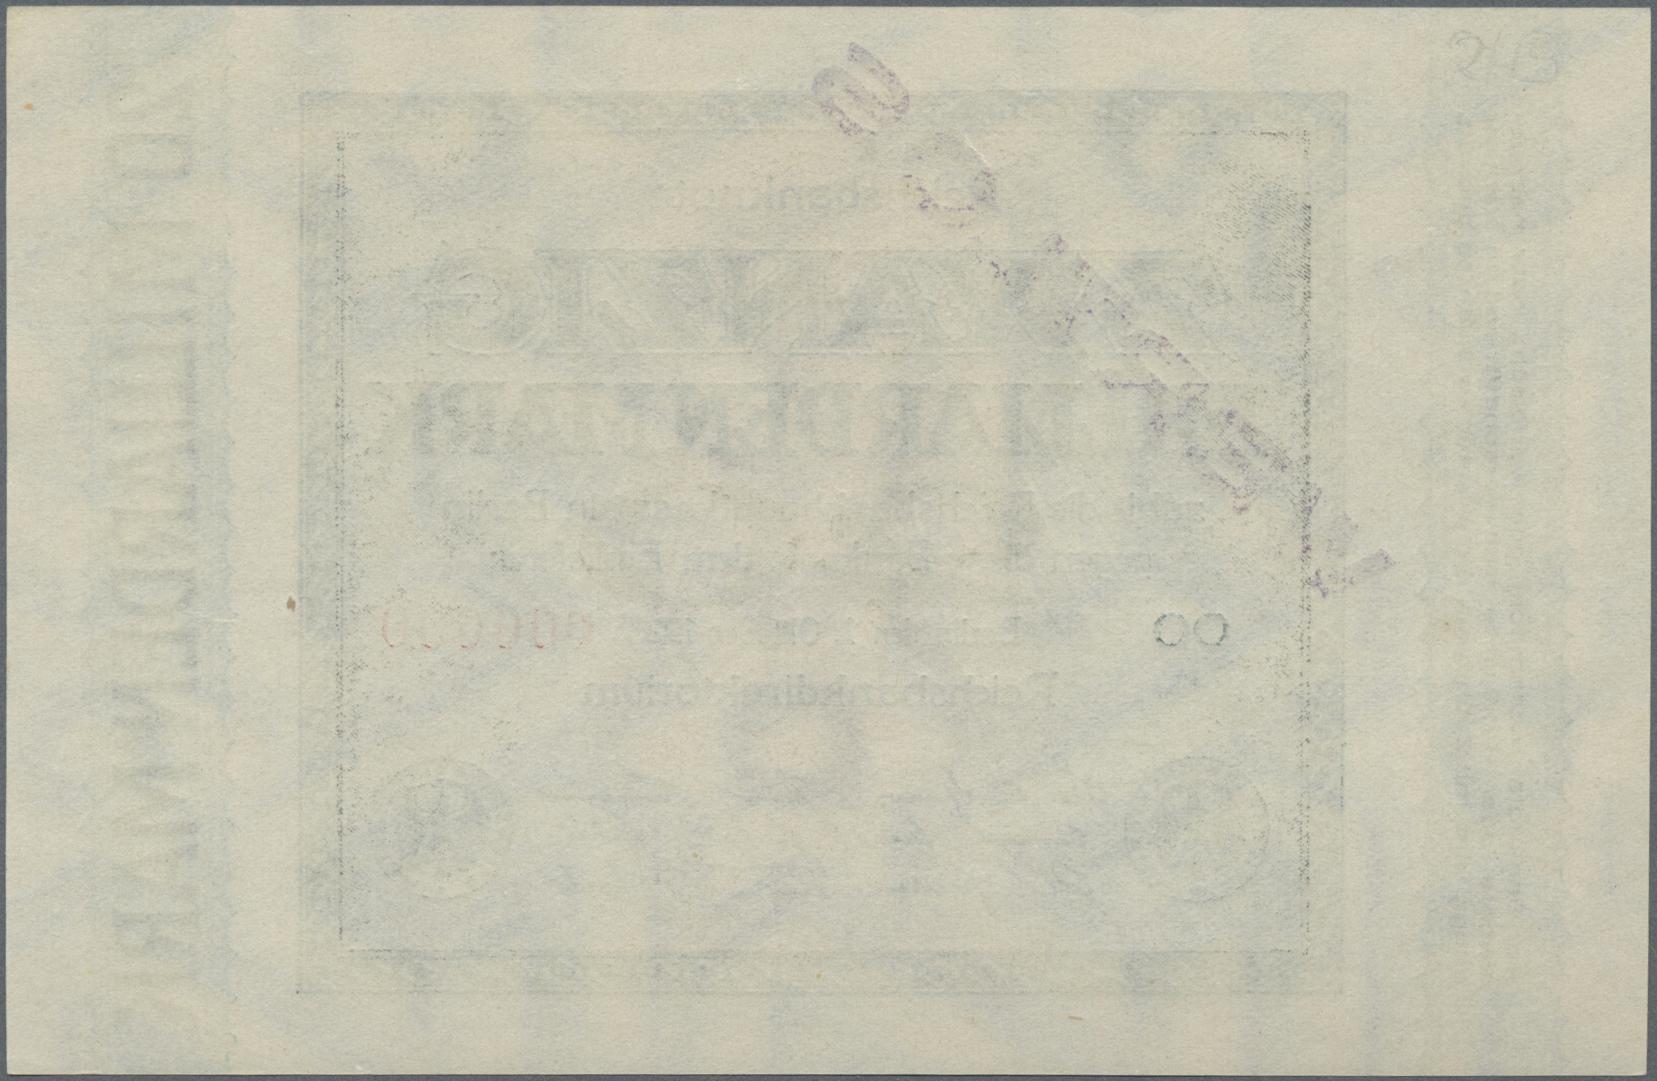 Lot 03340 - Deutschland - Deutsches Reich bis 1945 | Banknoten  -  Auktionshaus Christoph Gärtner GmbH & Co. KG Sale #45 Banknotes Germany/Numismatics